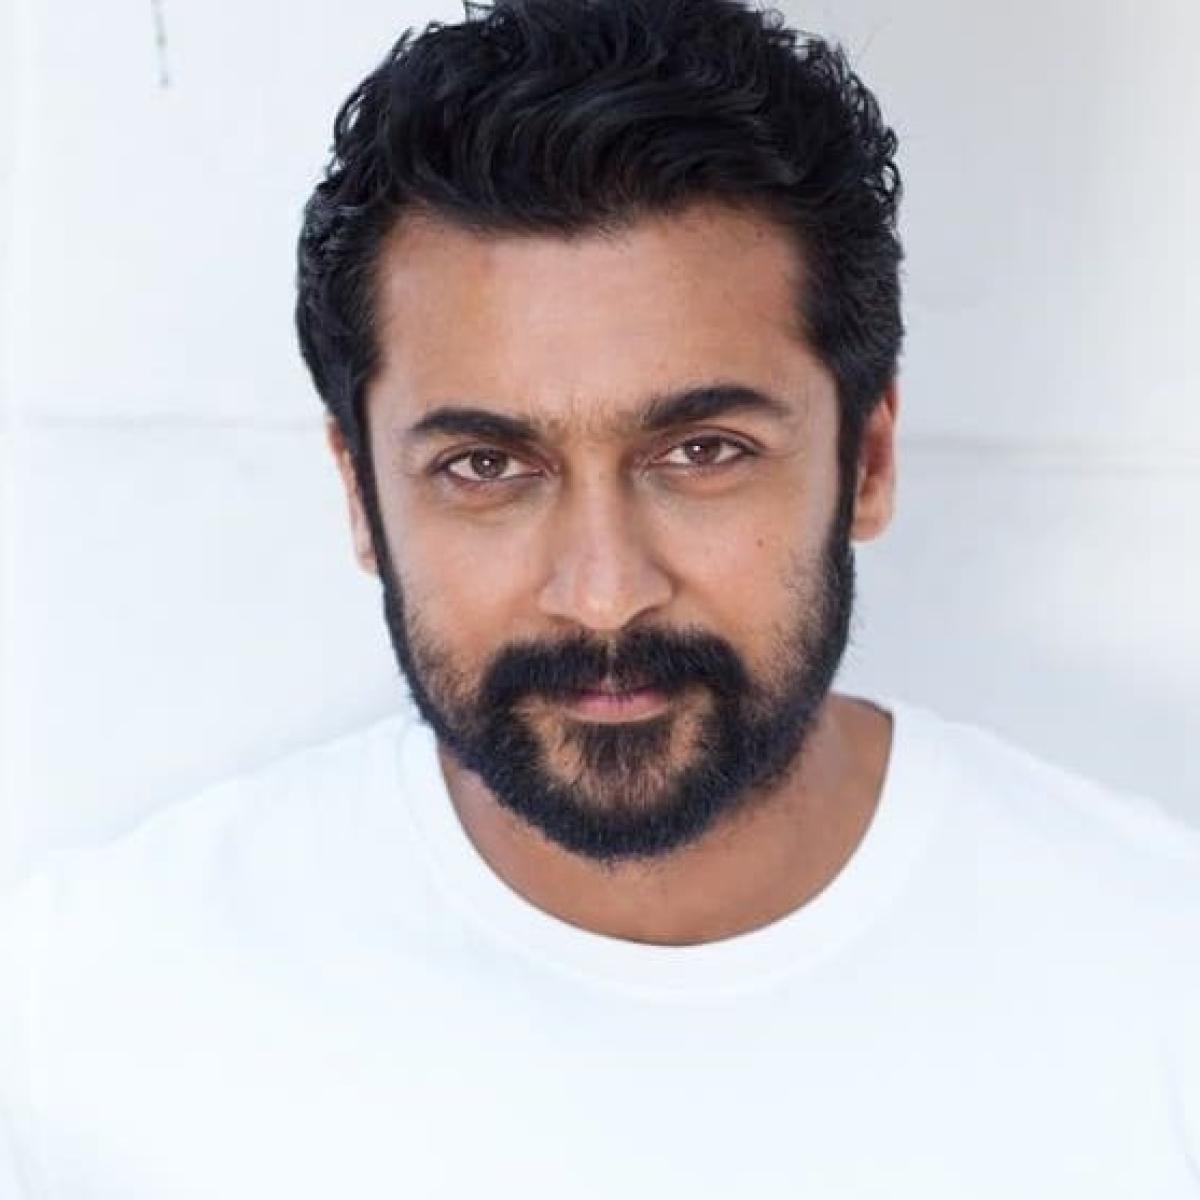 'Soorarai Pottru' actor Suriya tests positive for COVID-19